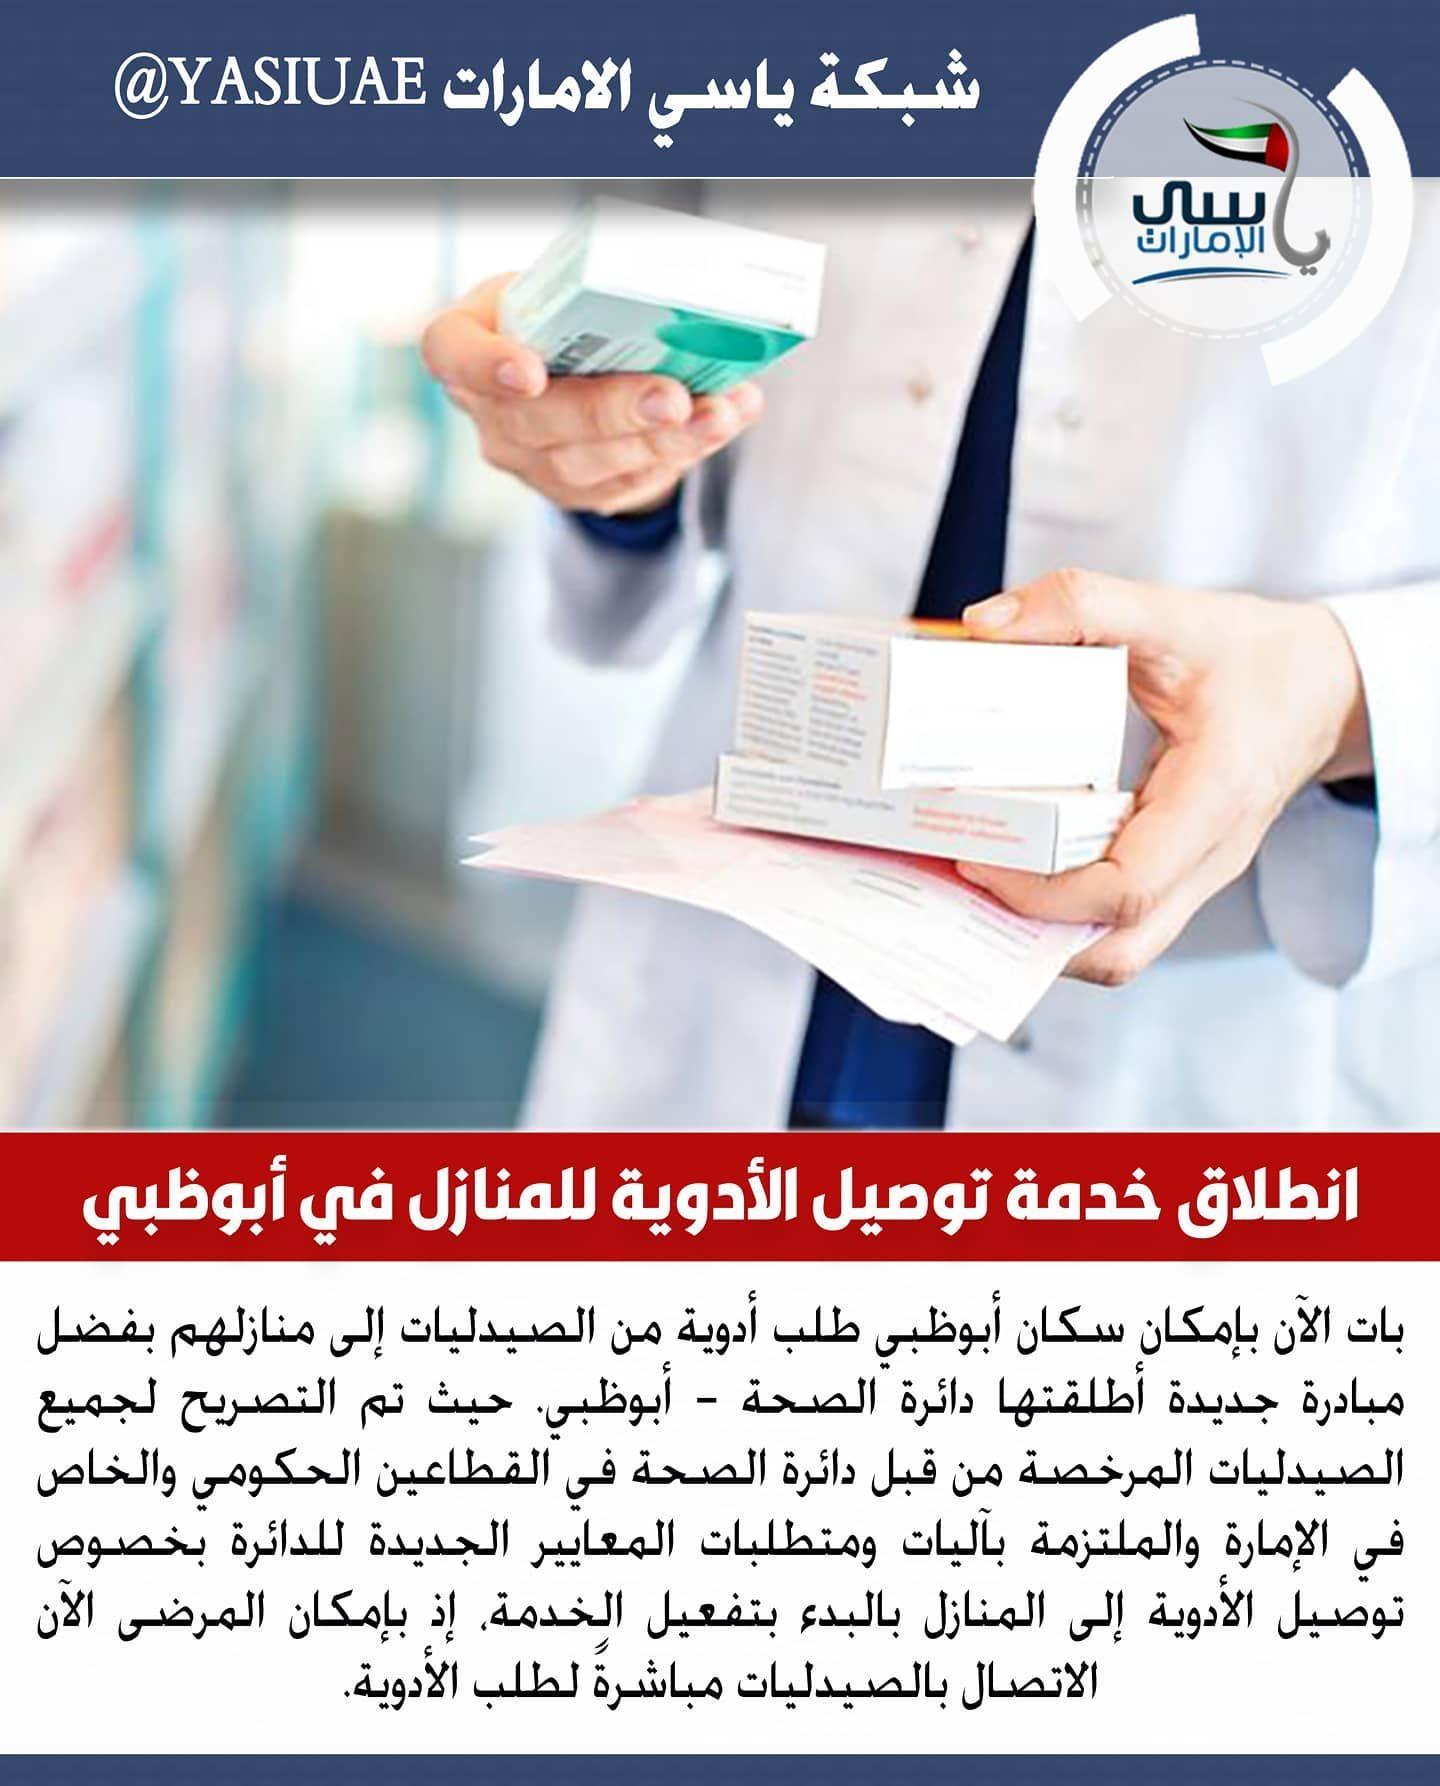 ياسي الامارات انطلاق خدمة توصيل الأدوية للمنازل في أبوظبي شبكة ياسي الامارات شبكة ياسي الامارات الاخبارية Personal Care Person Toothpaste